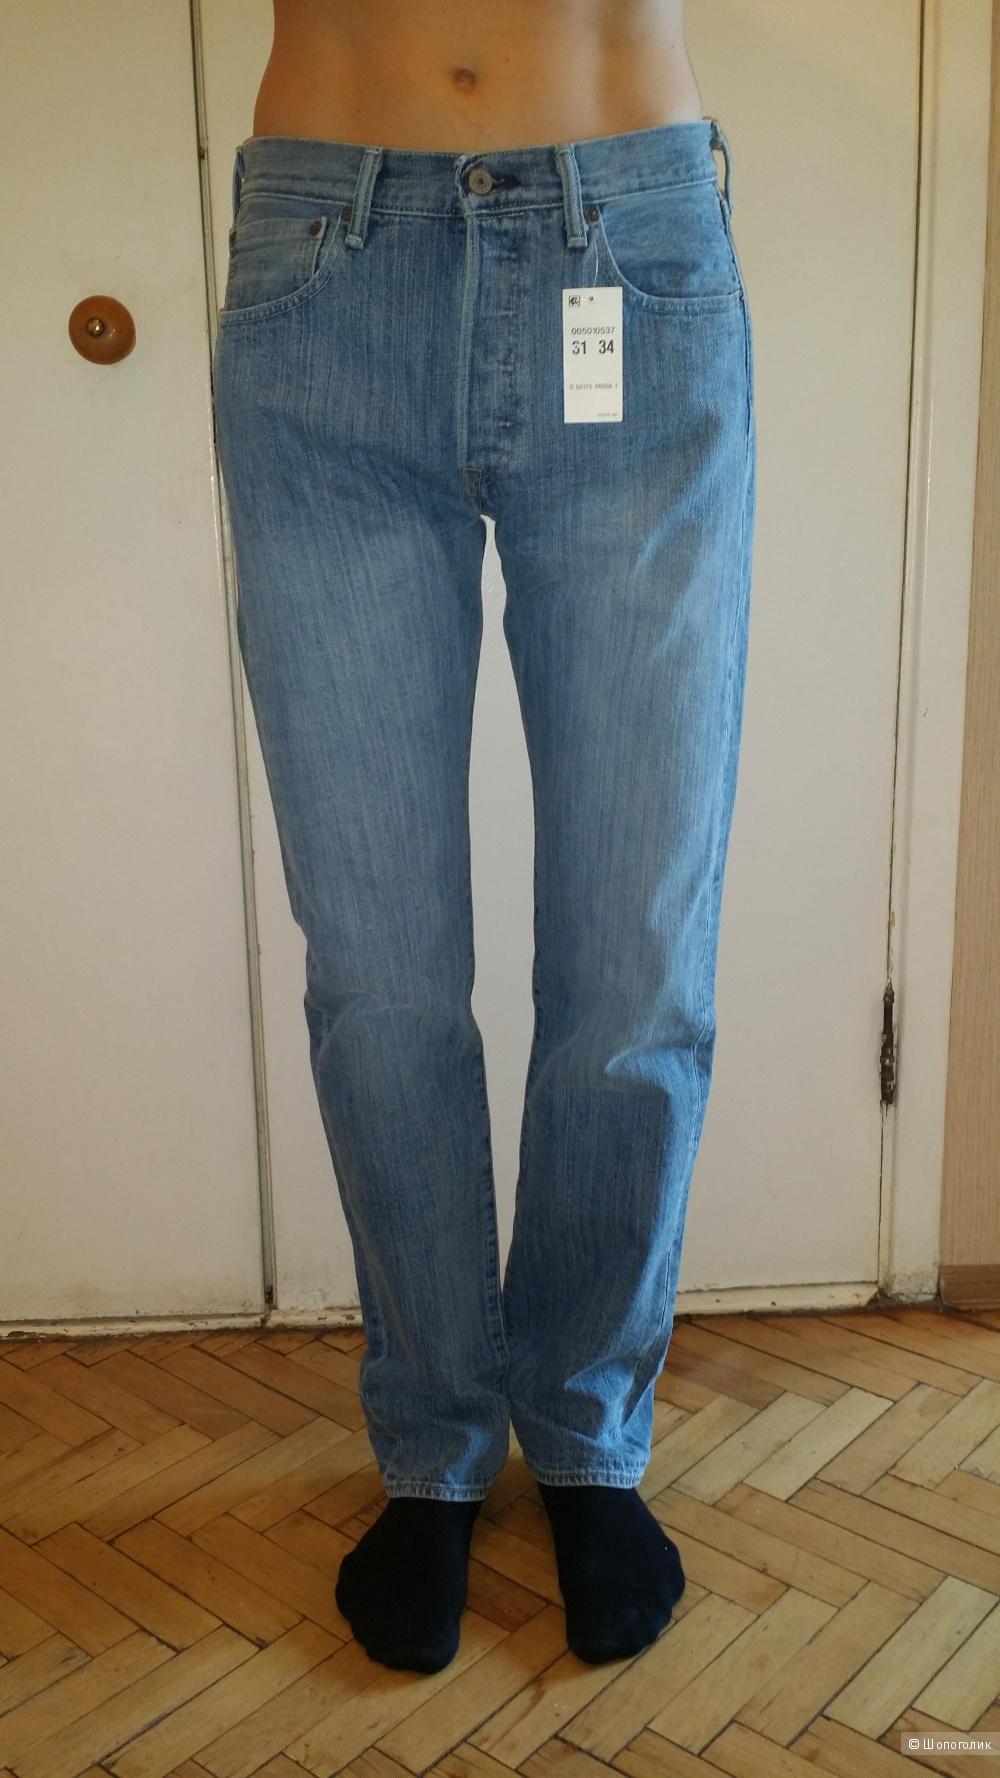 Мужские джинсы Levi's Men's 501 Original Fit Jeans Размер 31 х 34.